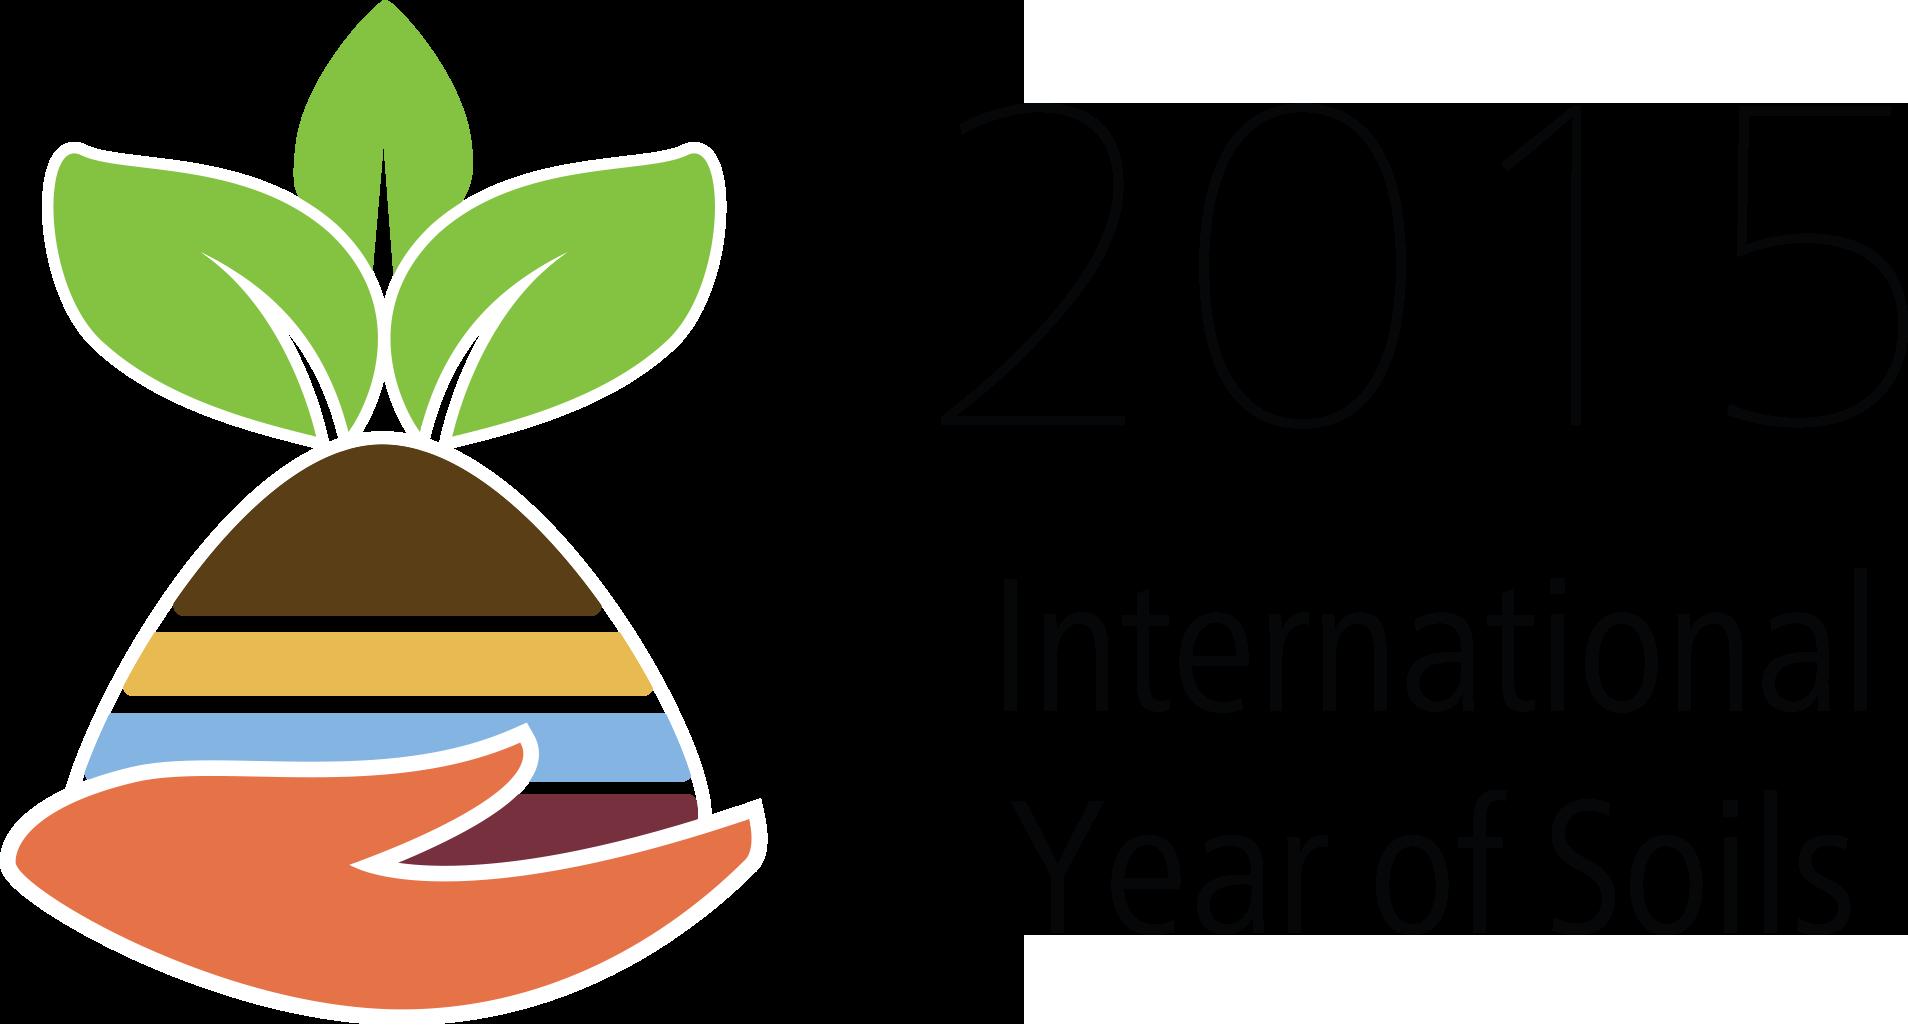 International Year of Soils logo